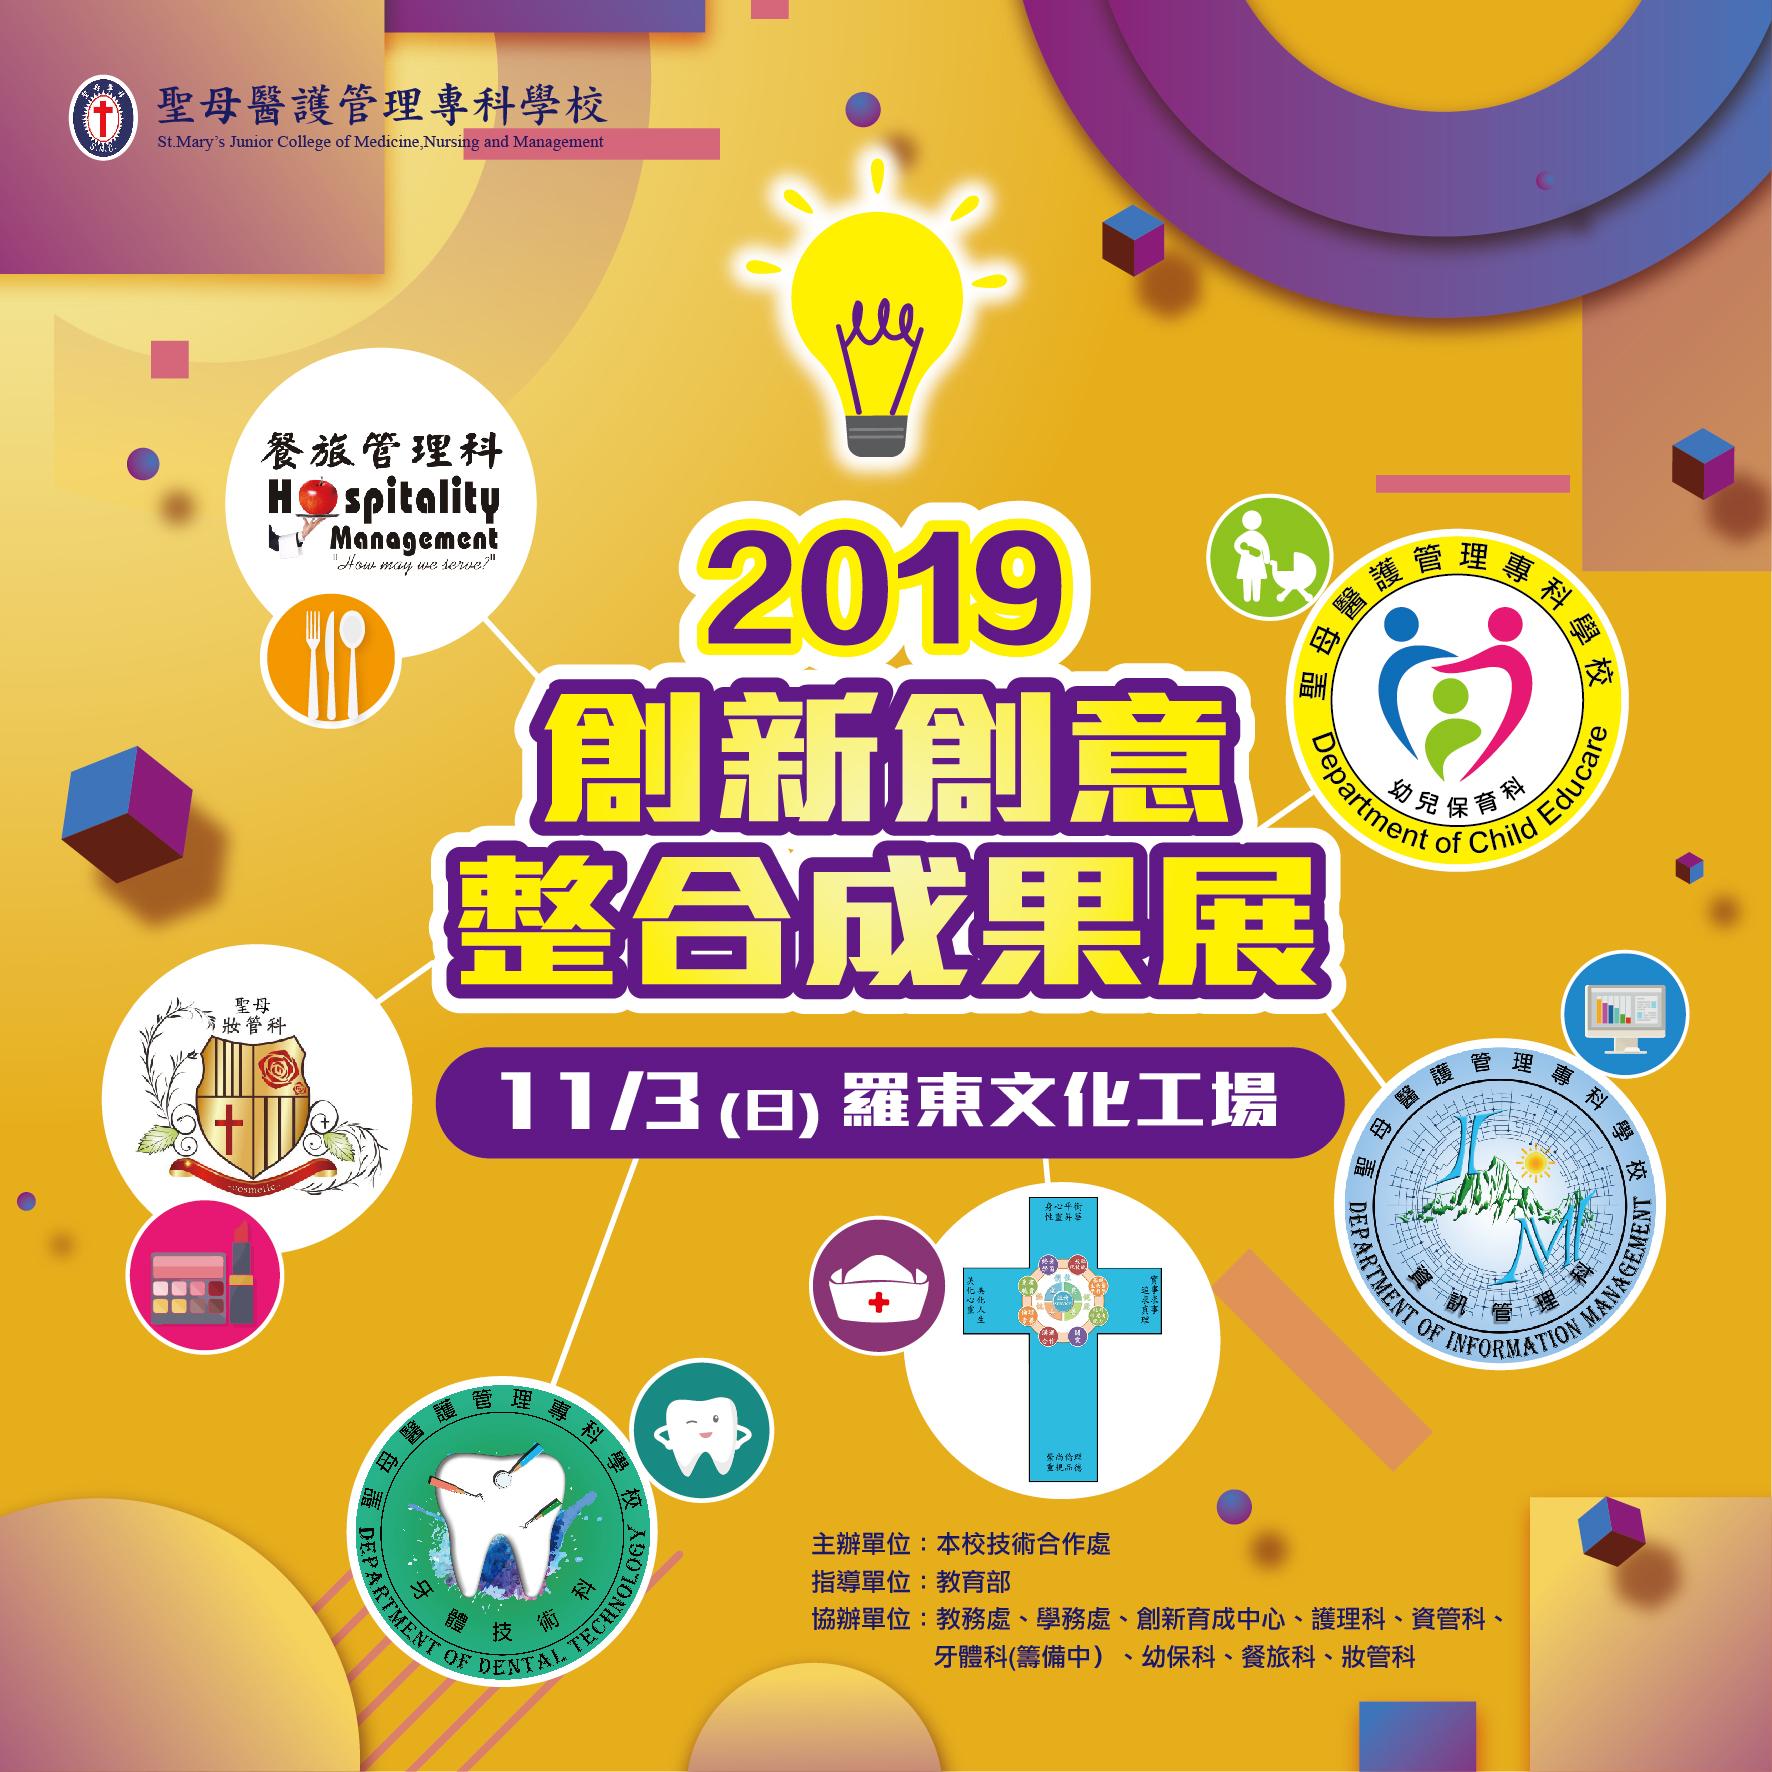 聖母醫護管理學校『2019創新創意整合成果展』